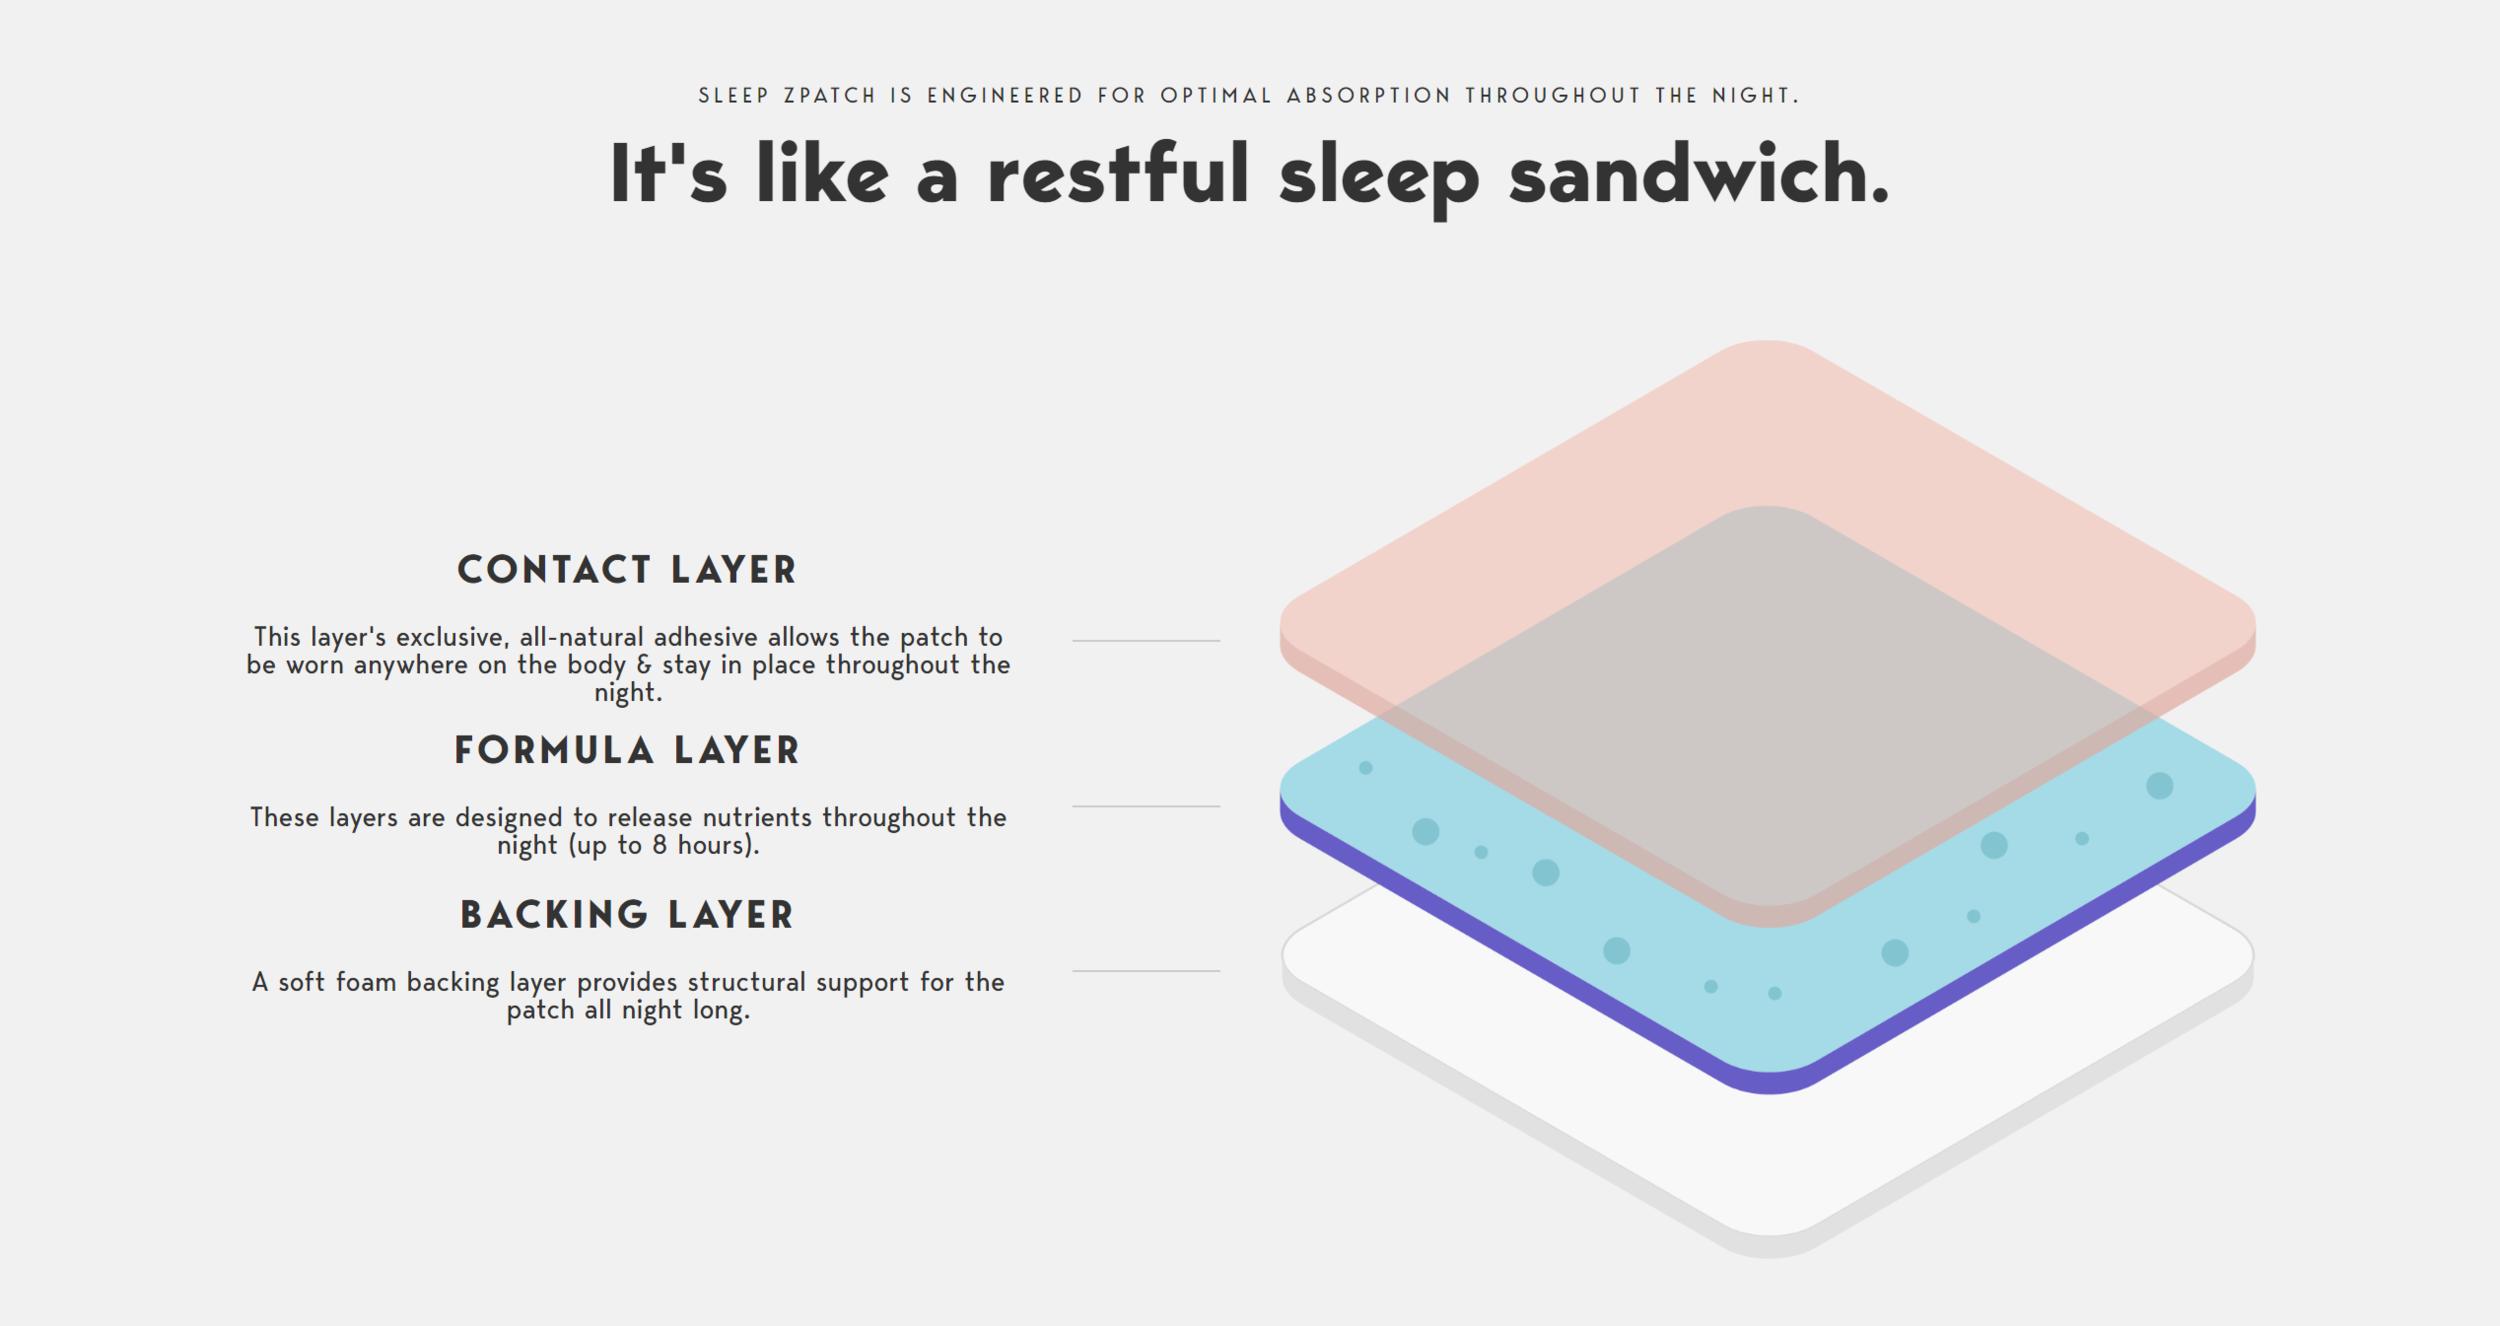 klova sleep patch how it works